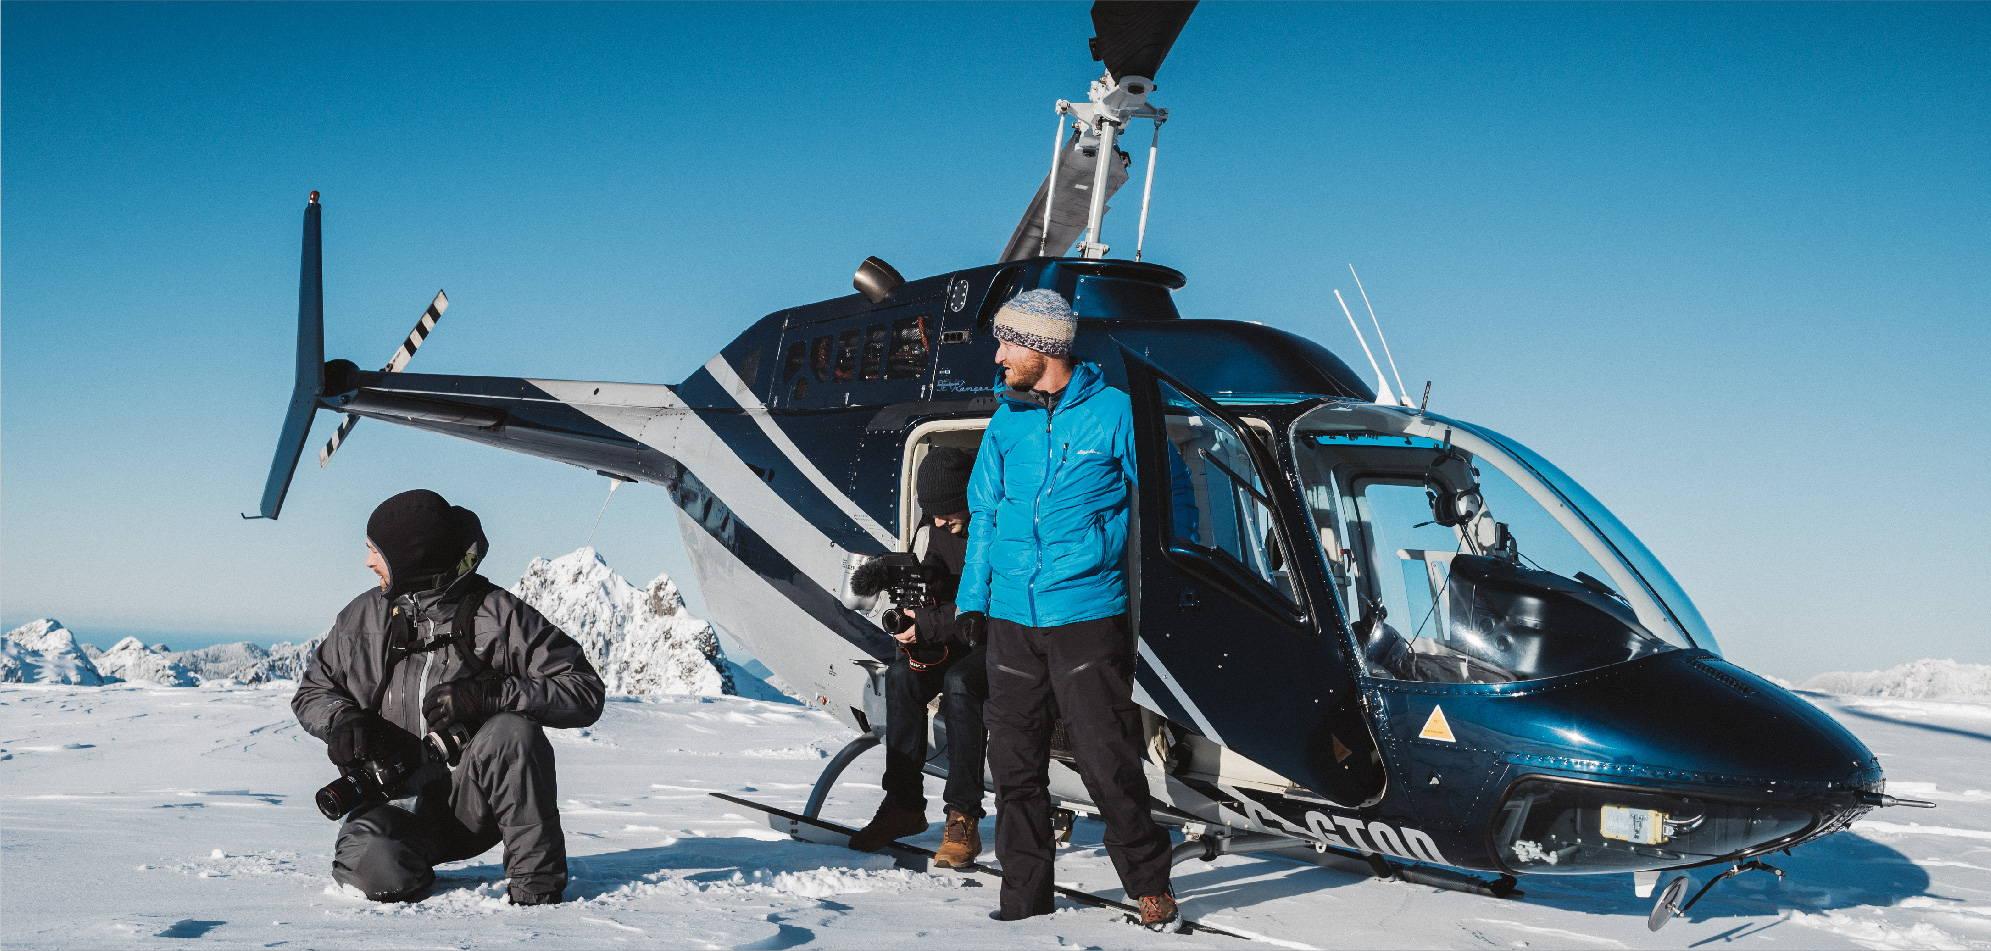 Snowy helicopter ride Jeremy Koreski | Rumpl